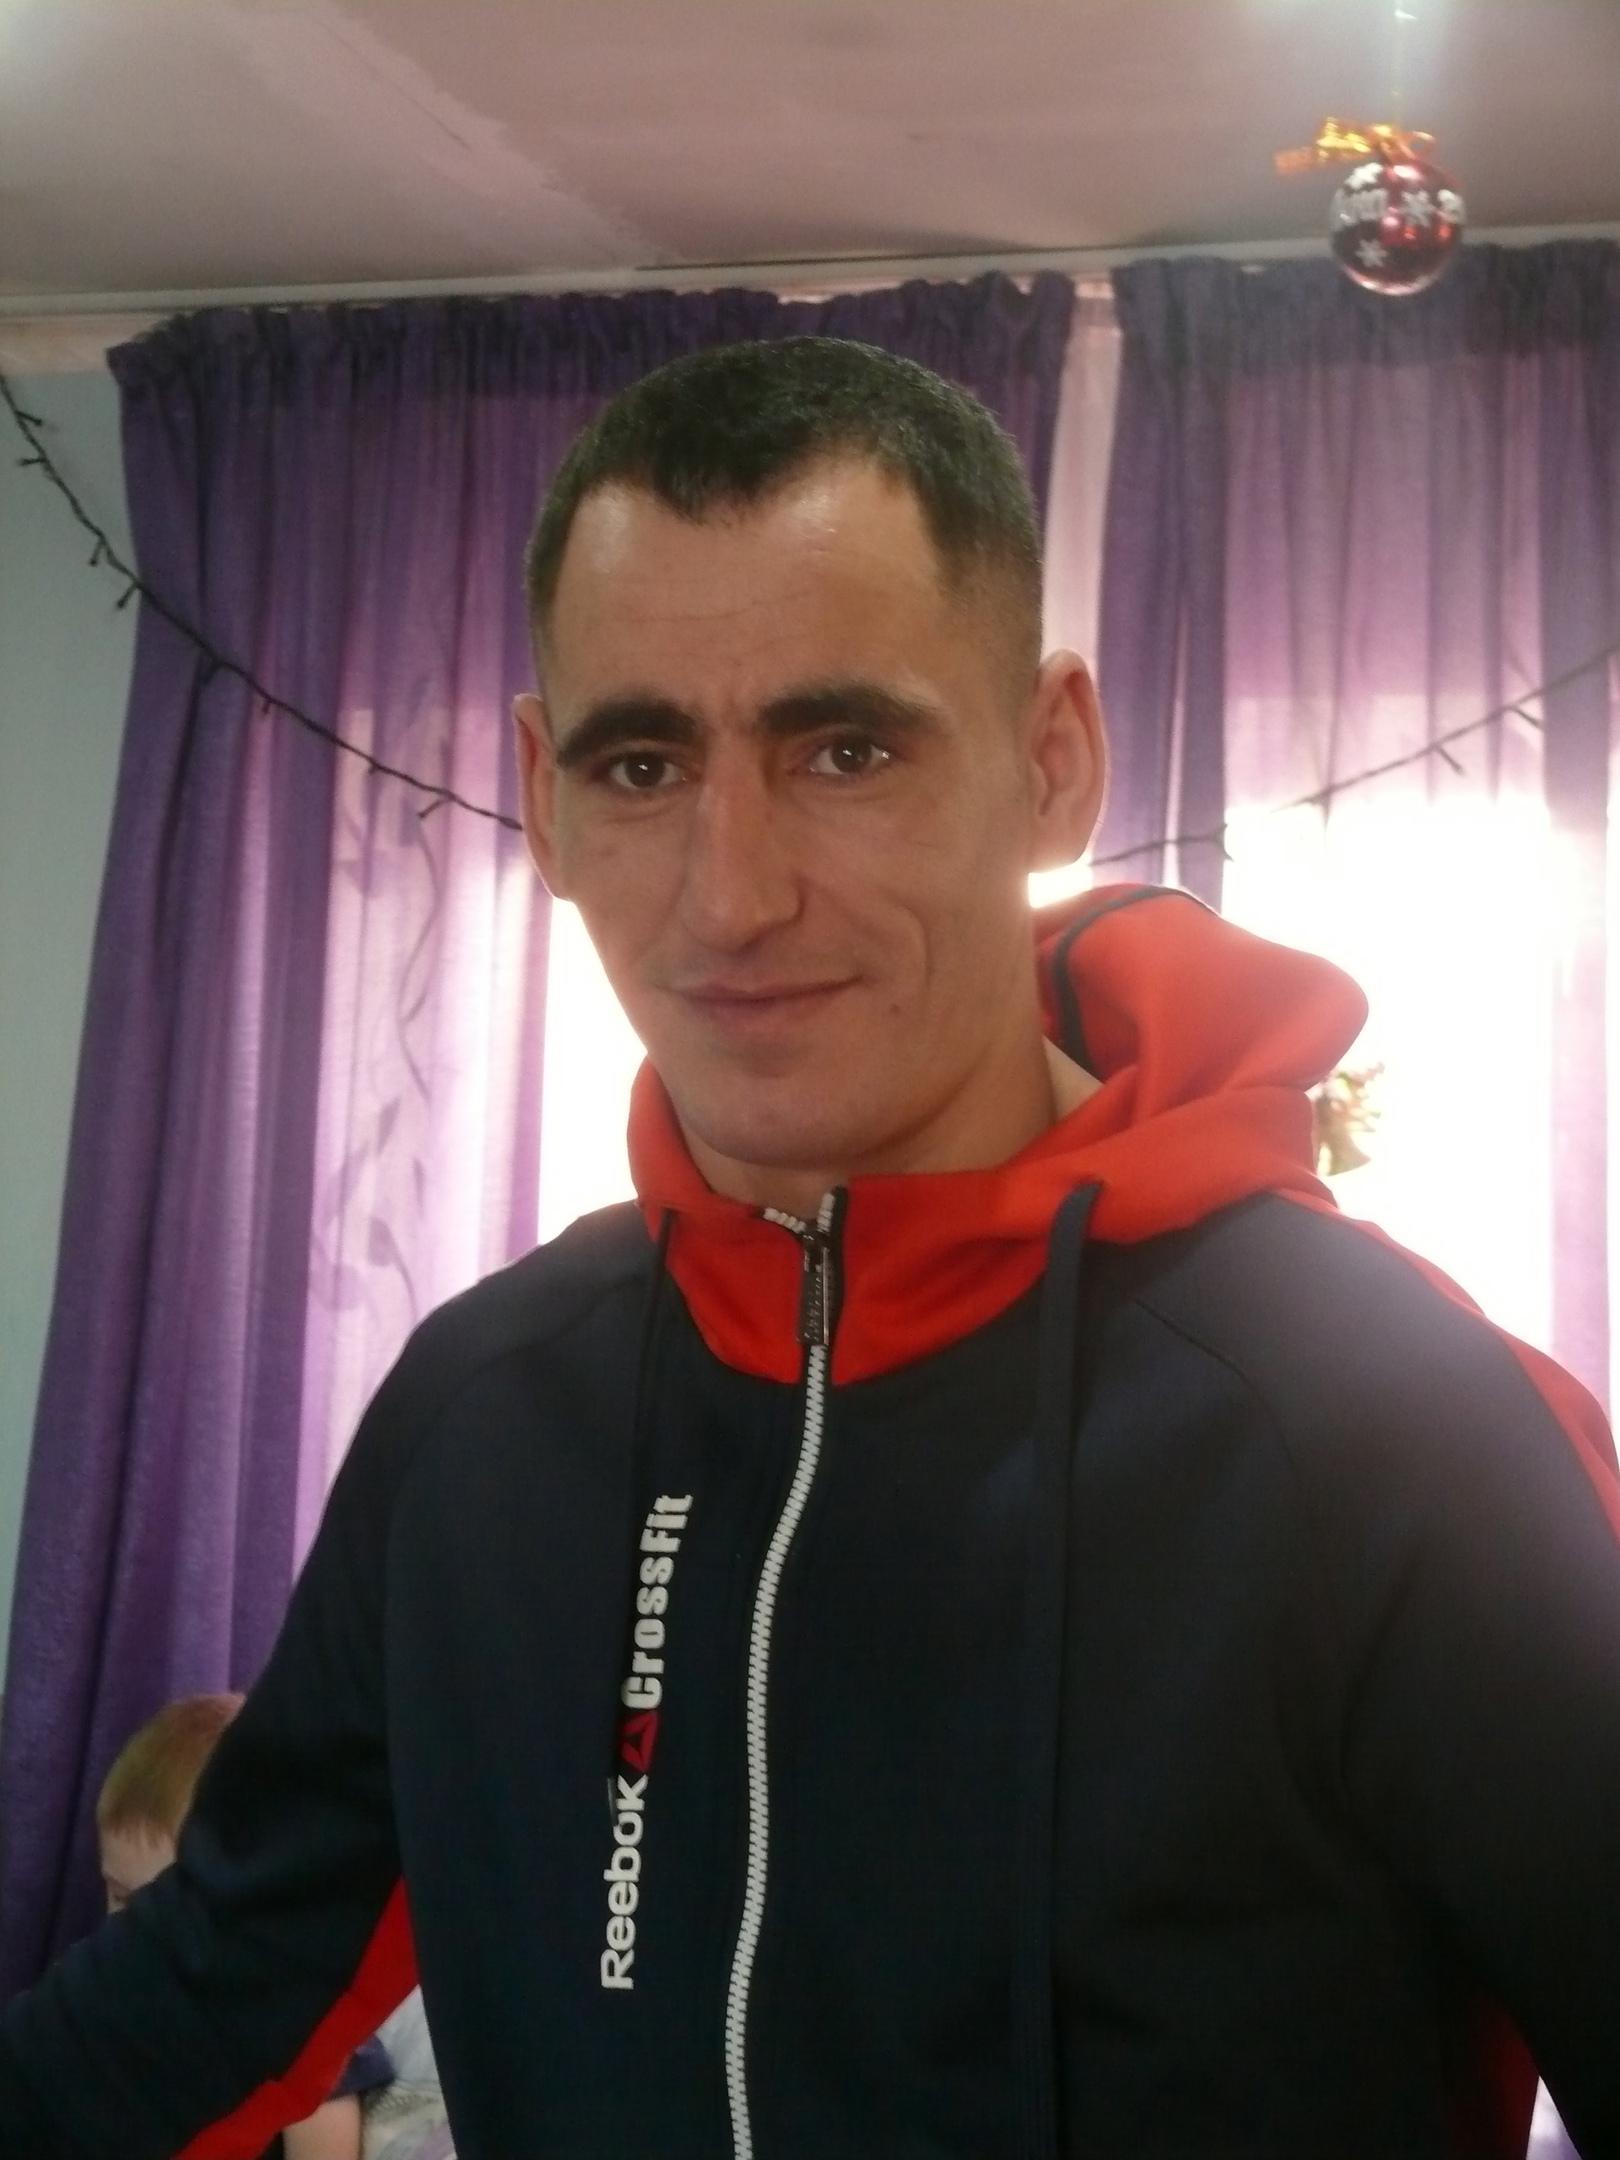 Evgenii, 29, Zheleznogorsk